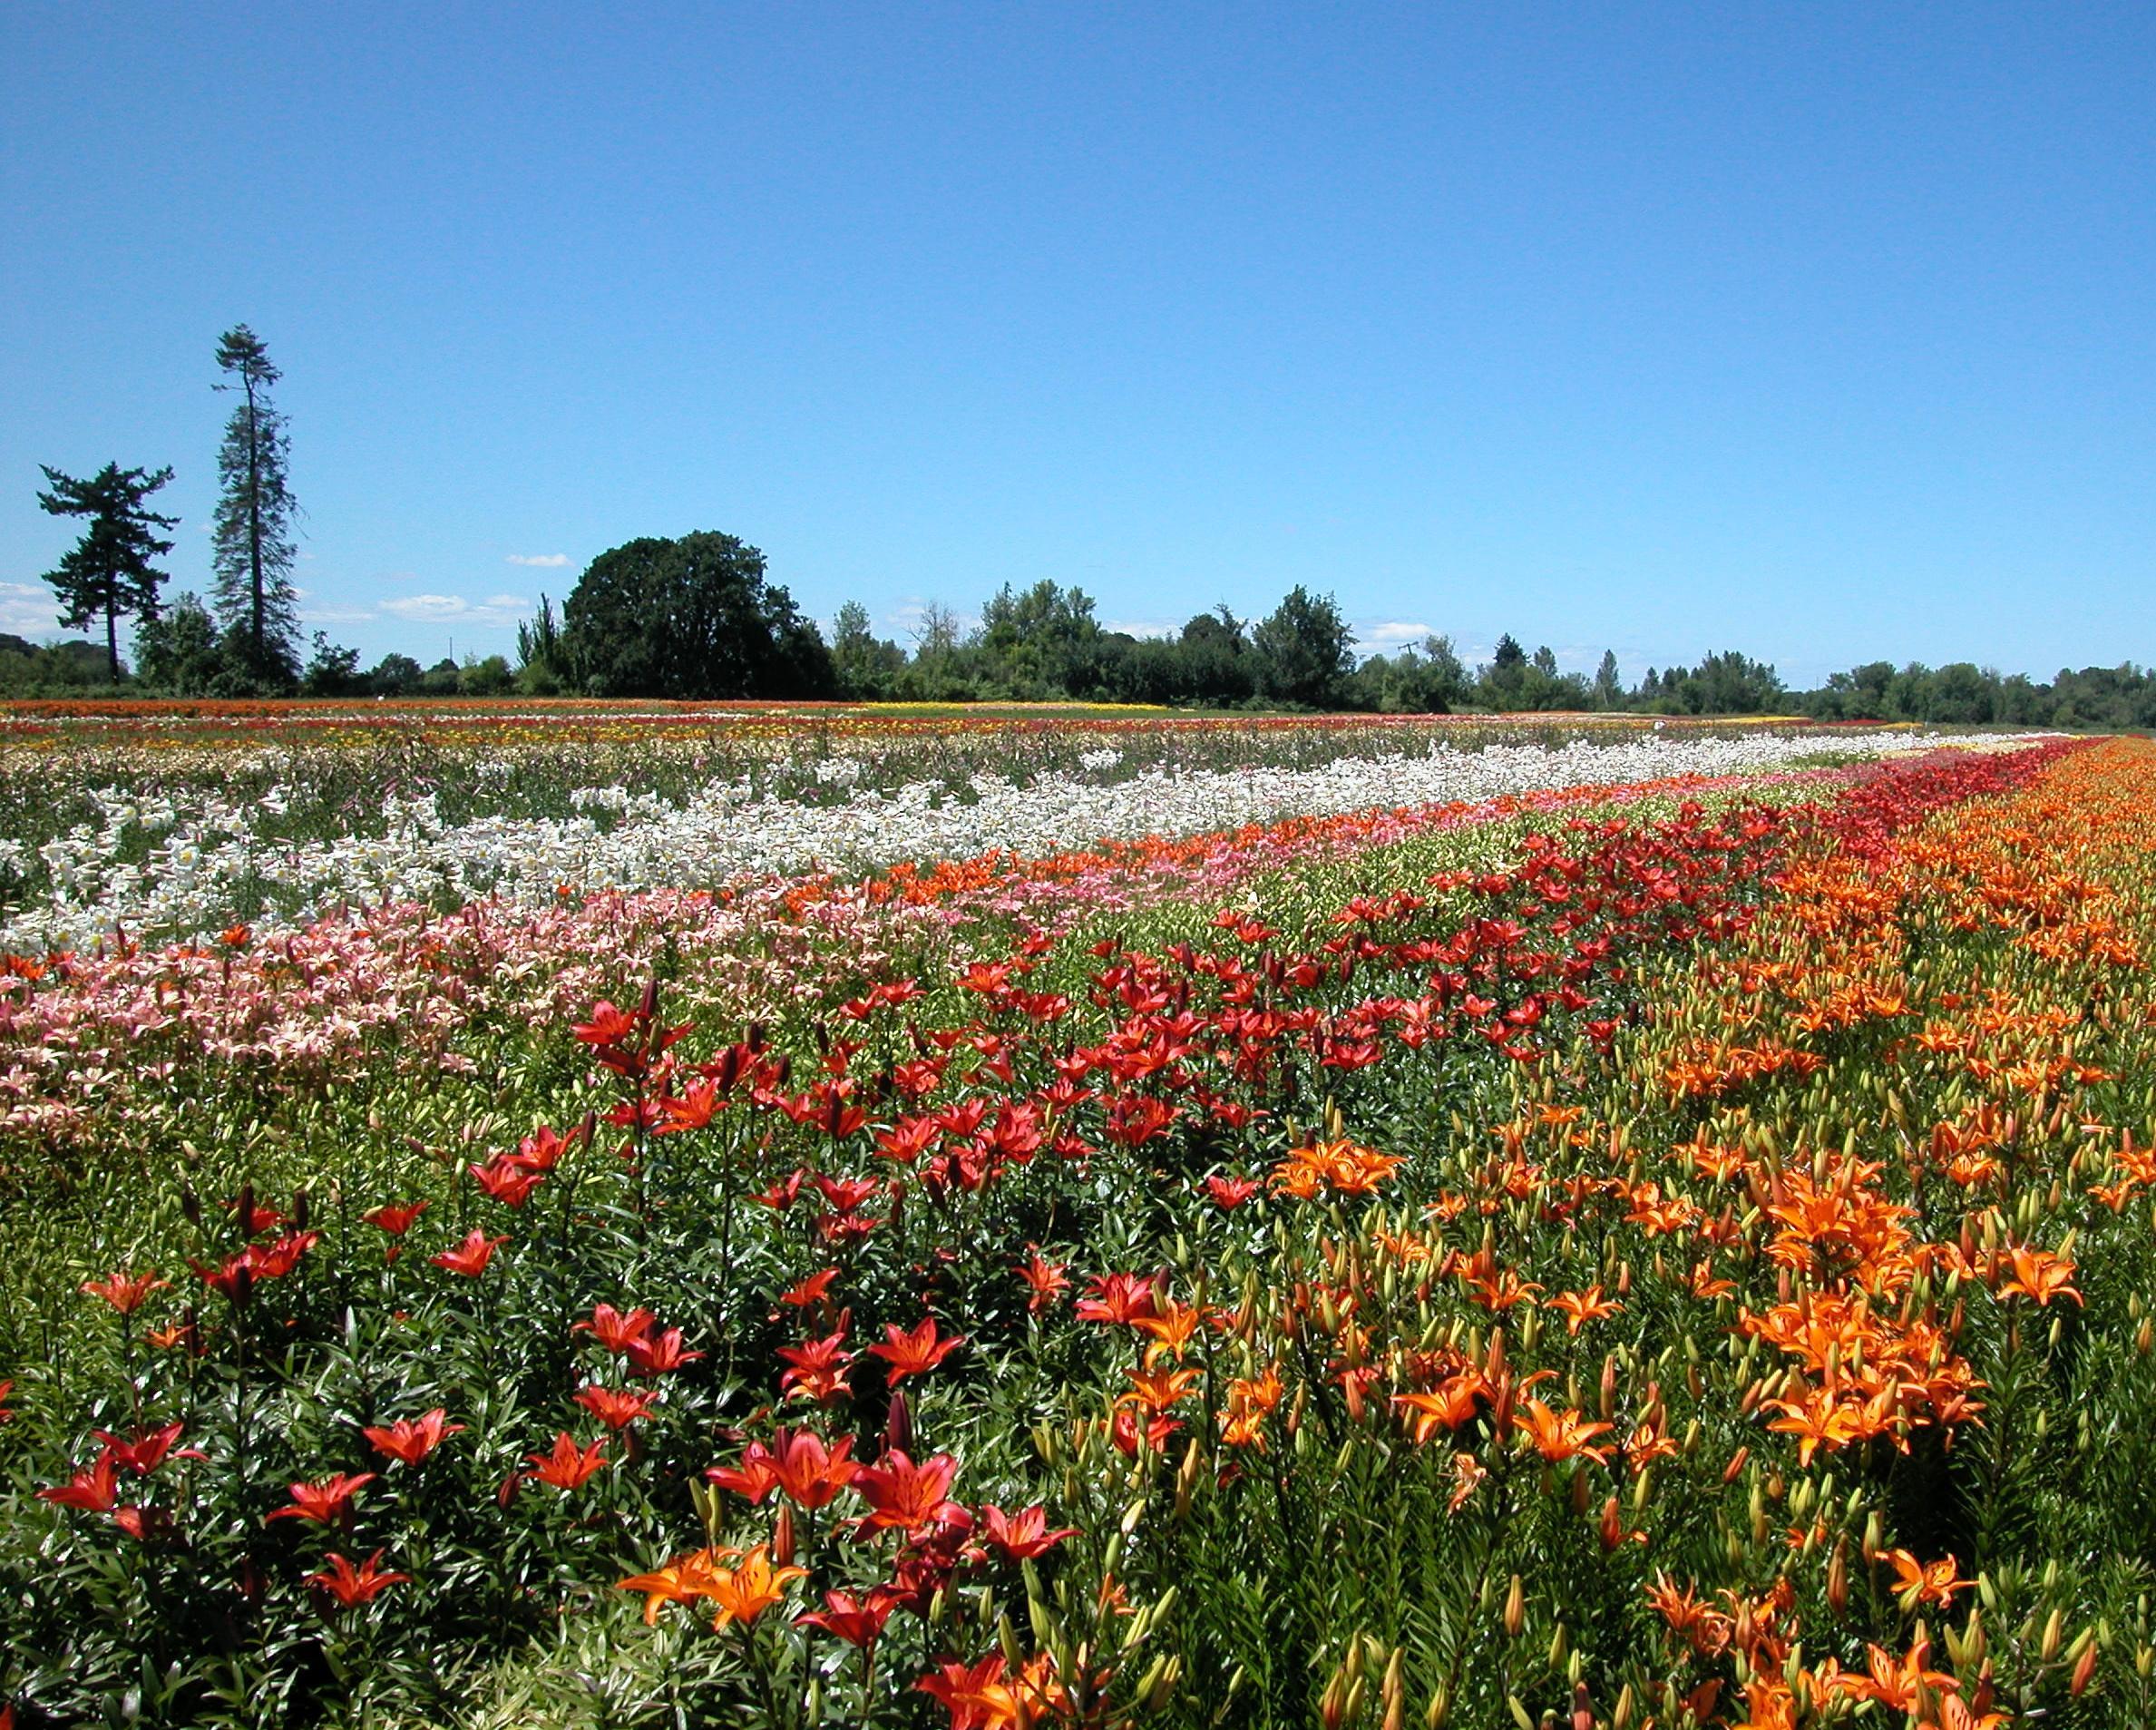 Field with Asiaticvarieties 2002